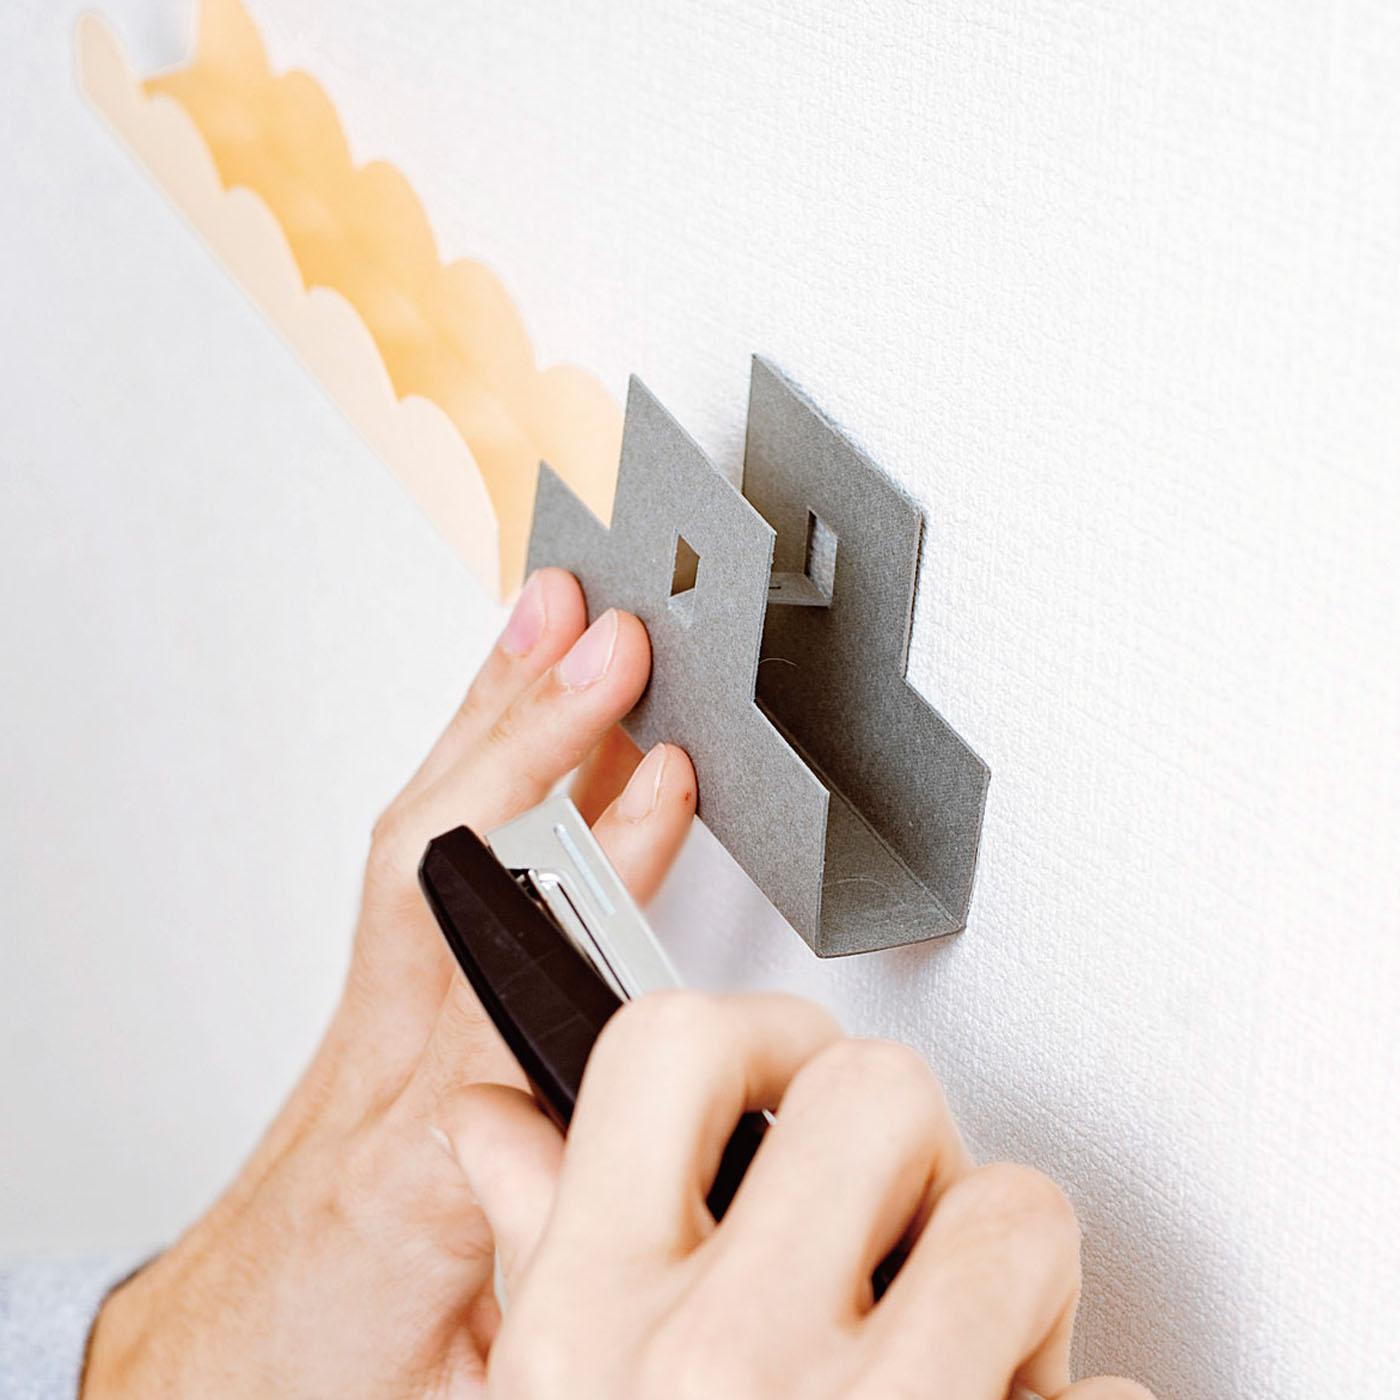 ステープラーを使って取り付けると、針の跡もほとんど目立ちません。(漆喰・硬い壁面は不可)